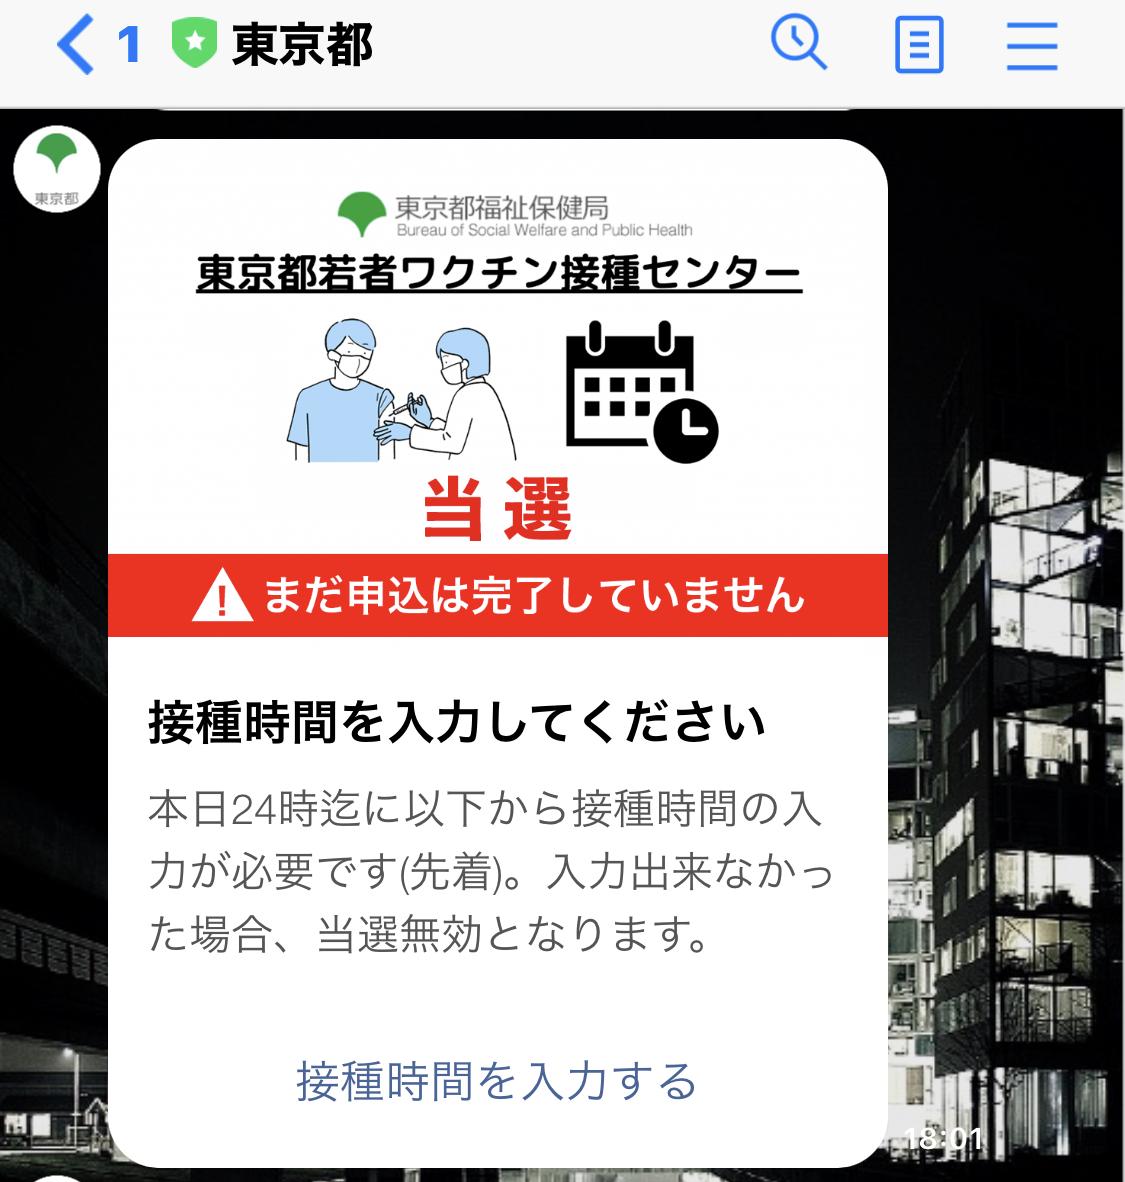 当選したので渋谷若者ワクチン接種センターで予防接種を受けてきました